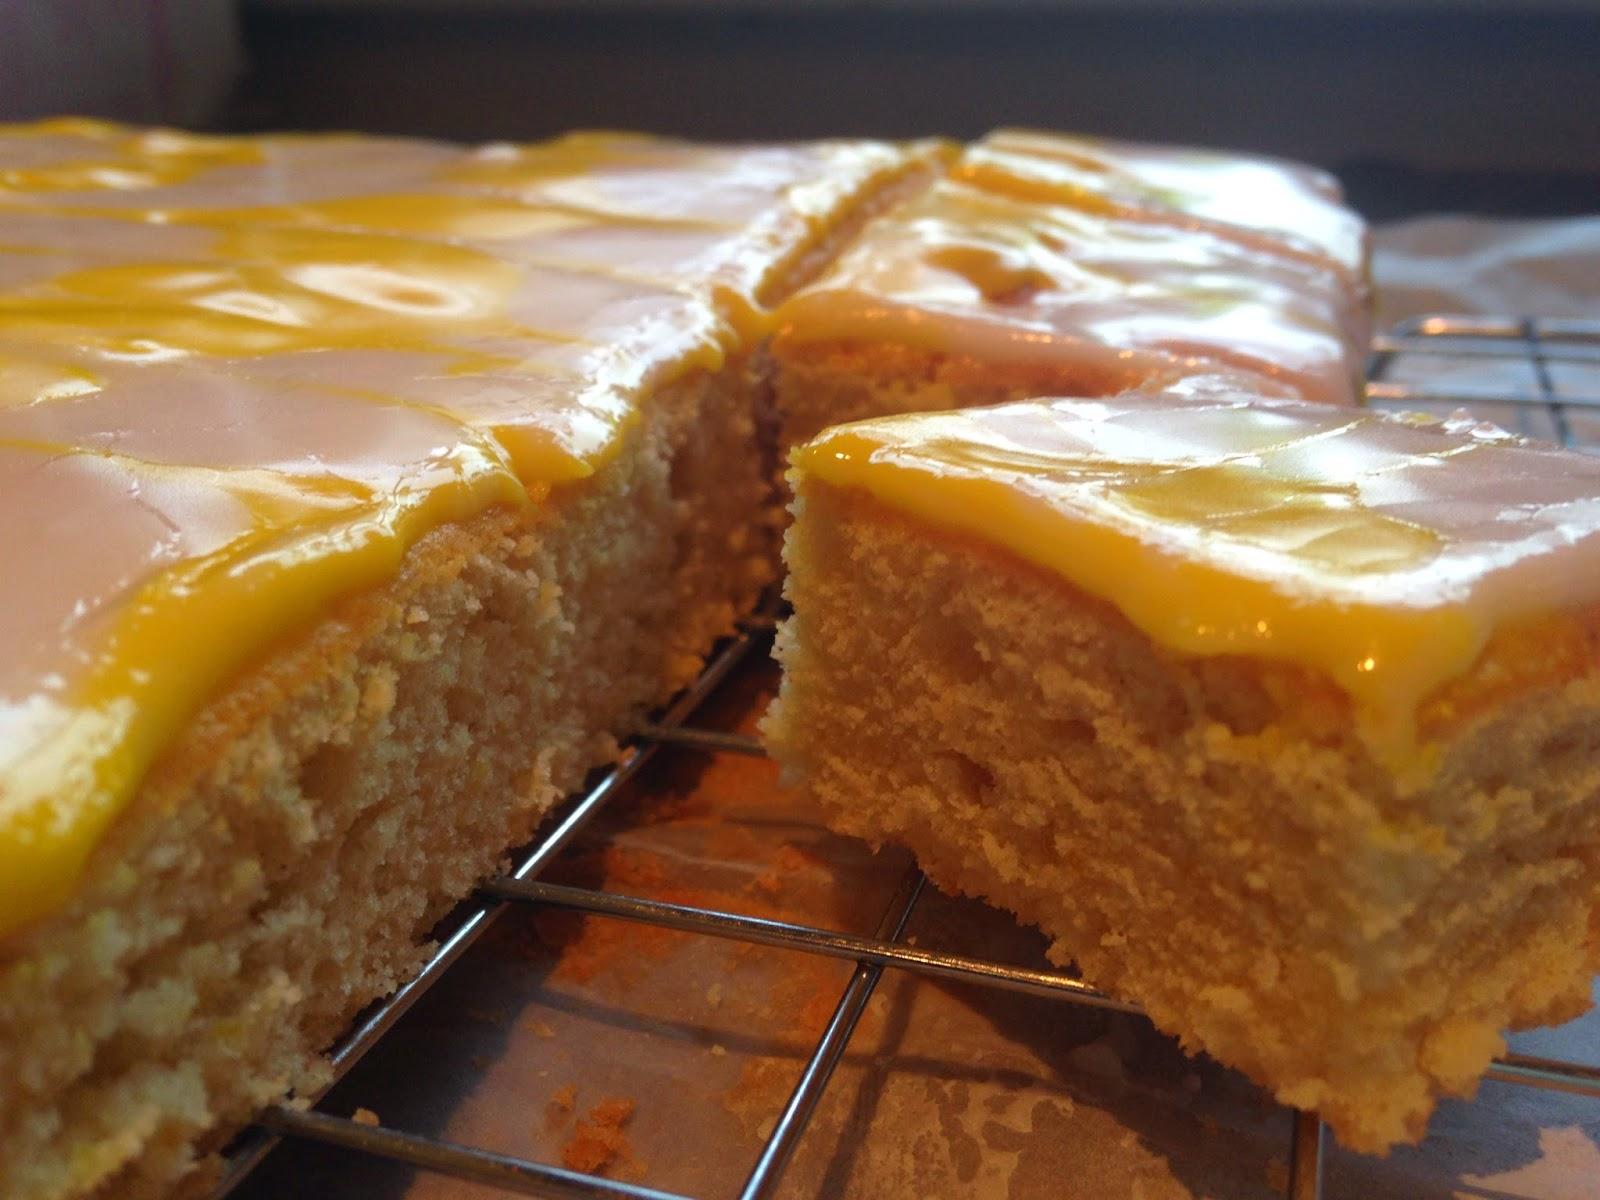 Language matters & lemon cake